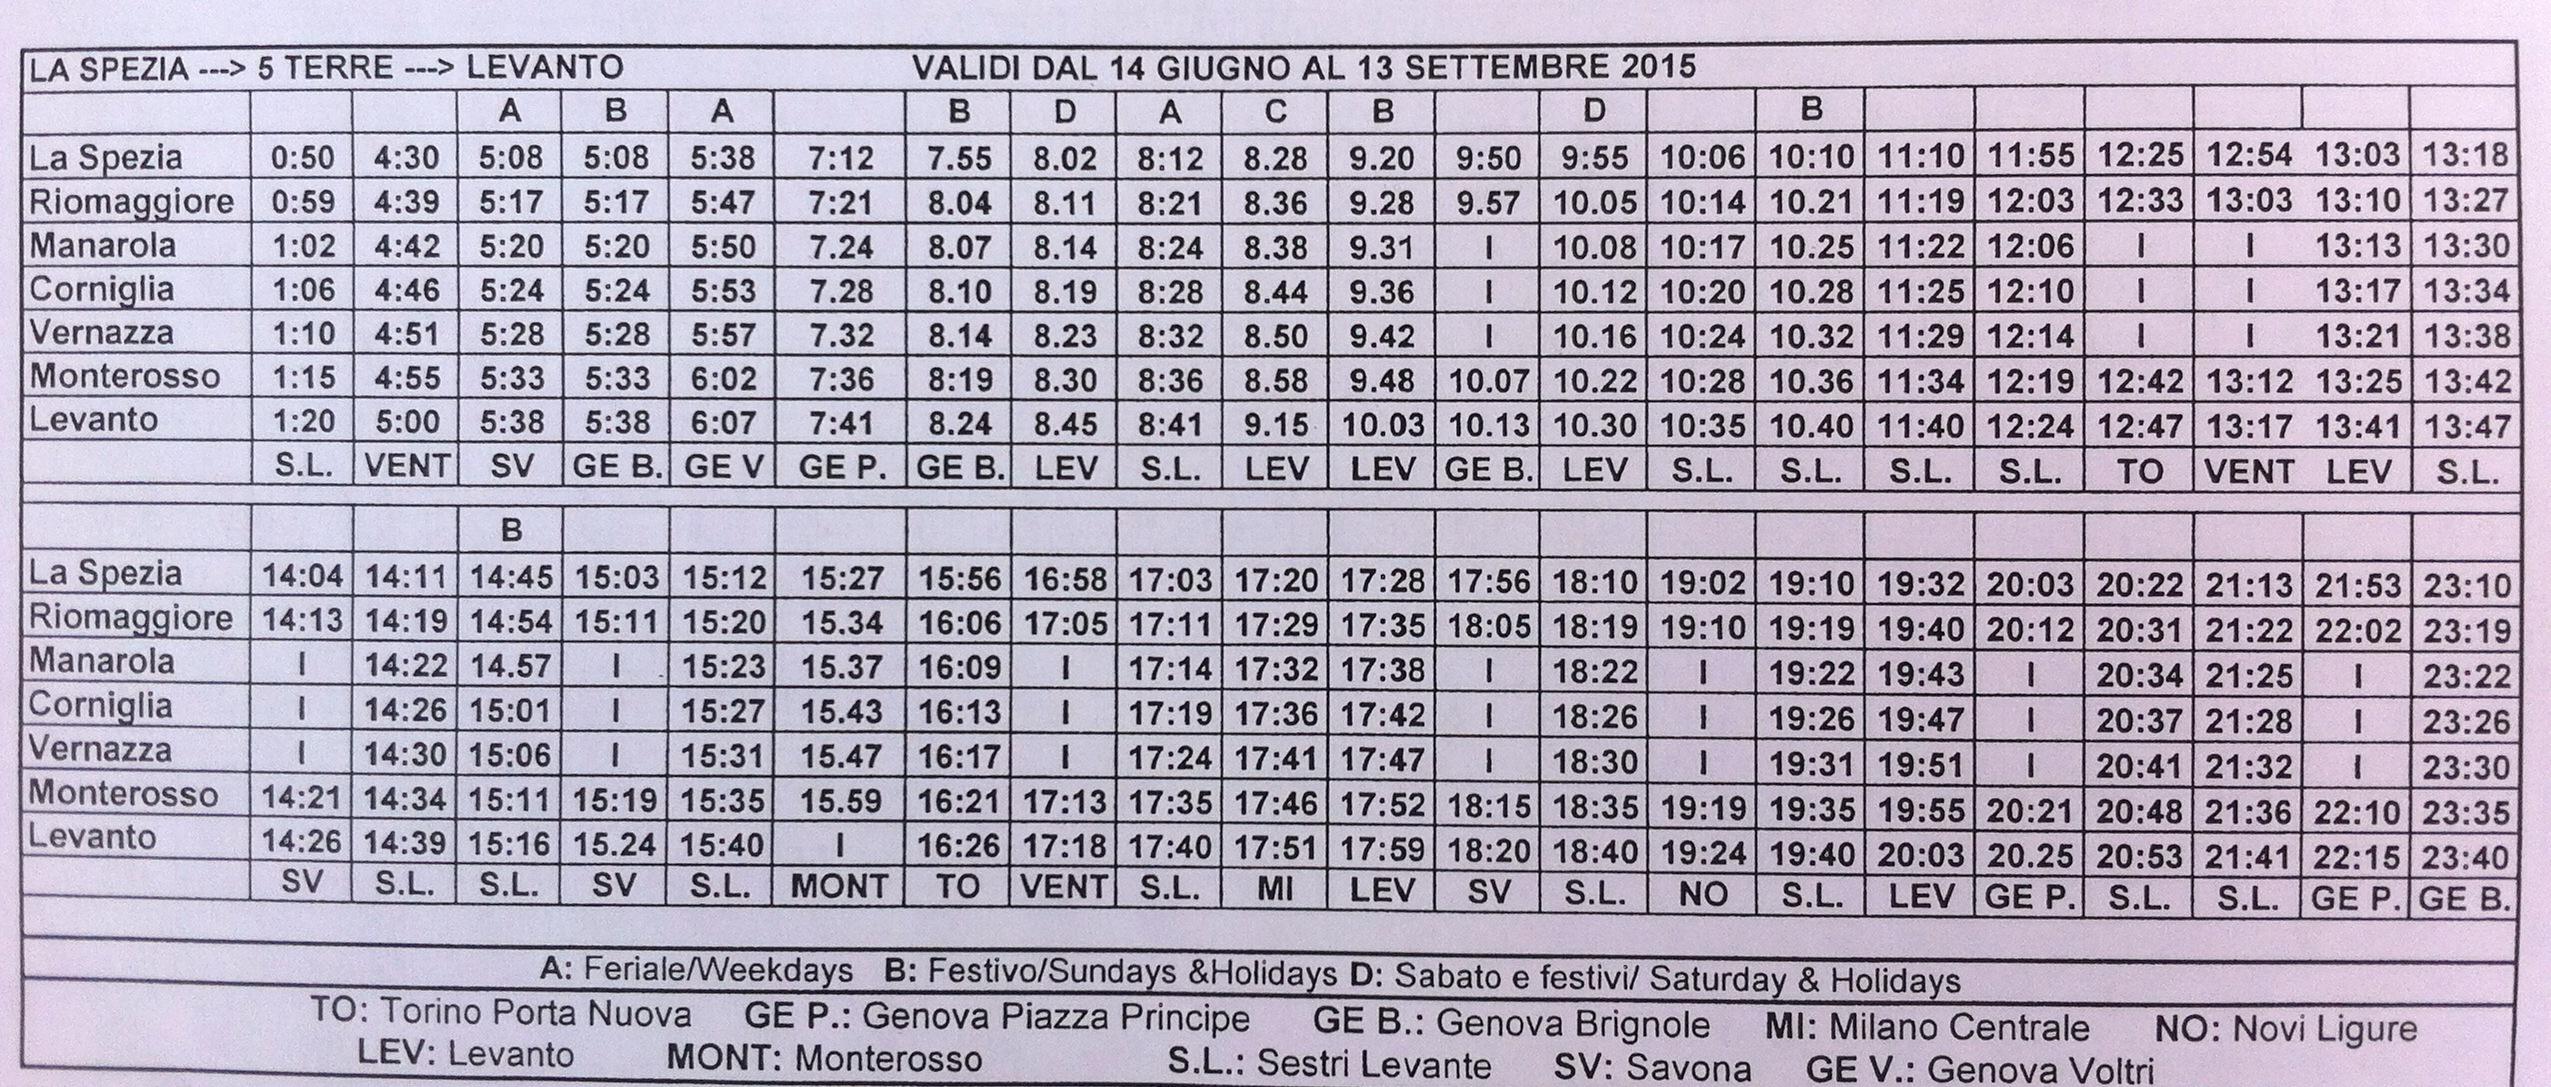 train schedule from la spezia to levanto (north-bound) – i love